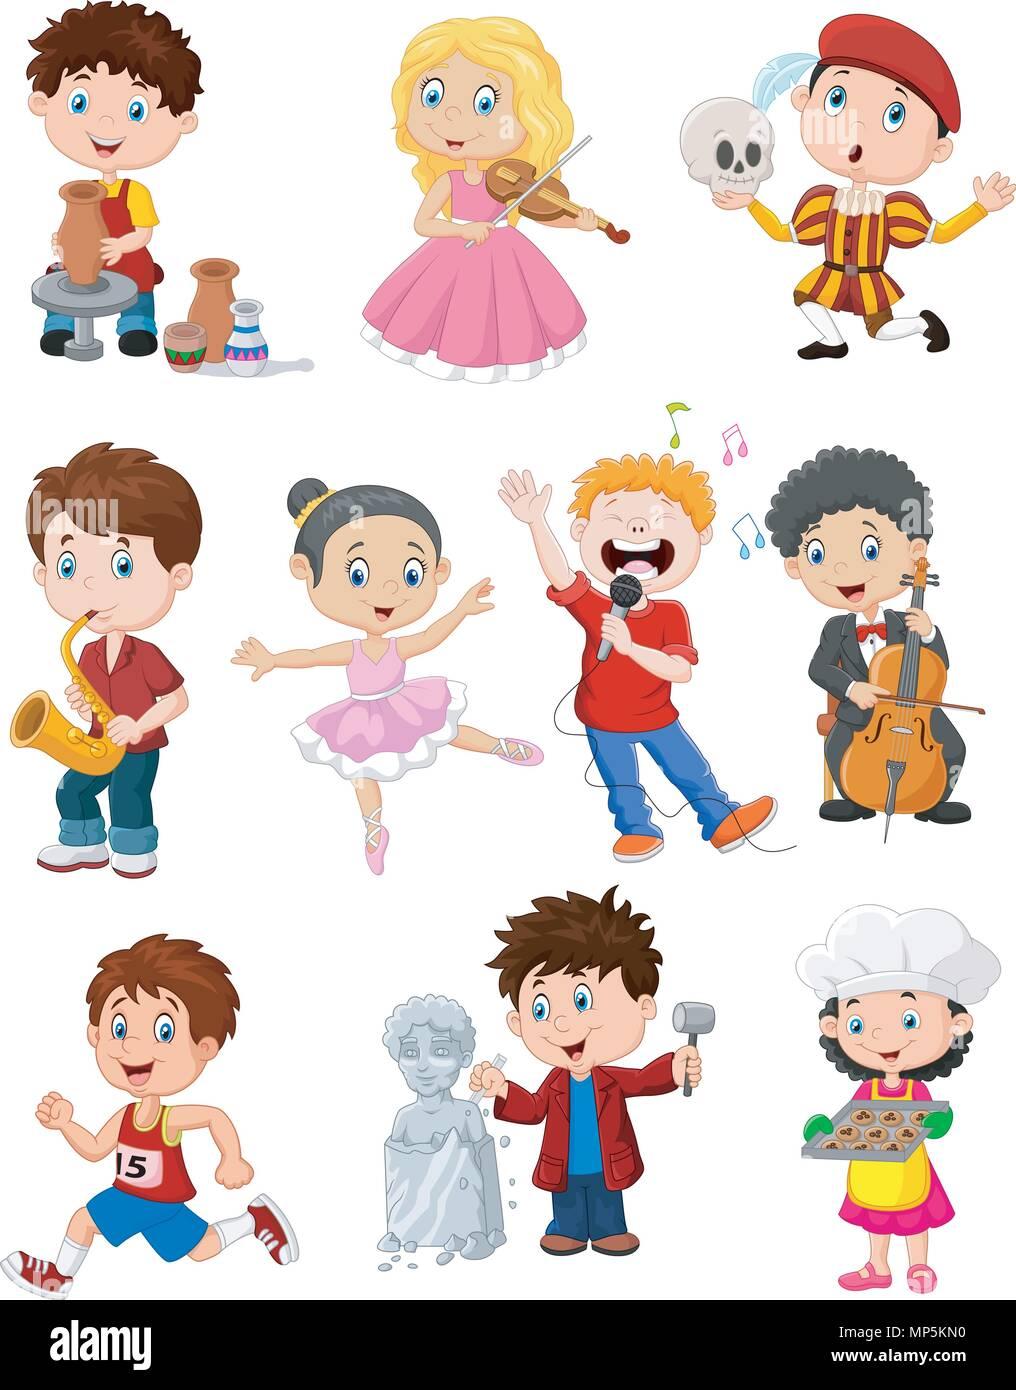 Cartoon kids with different hobbies - Stock Vector